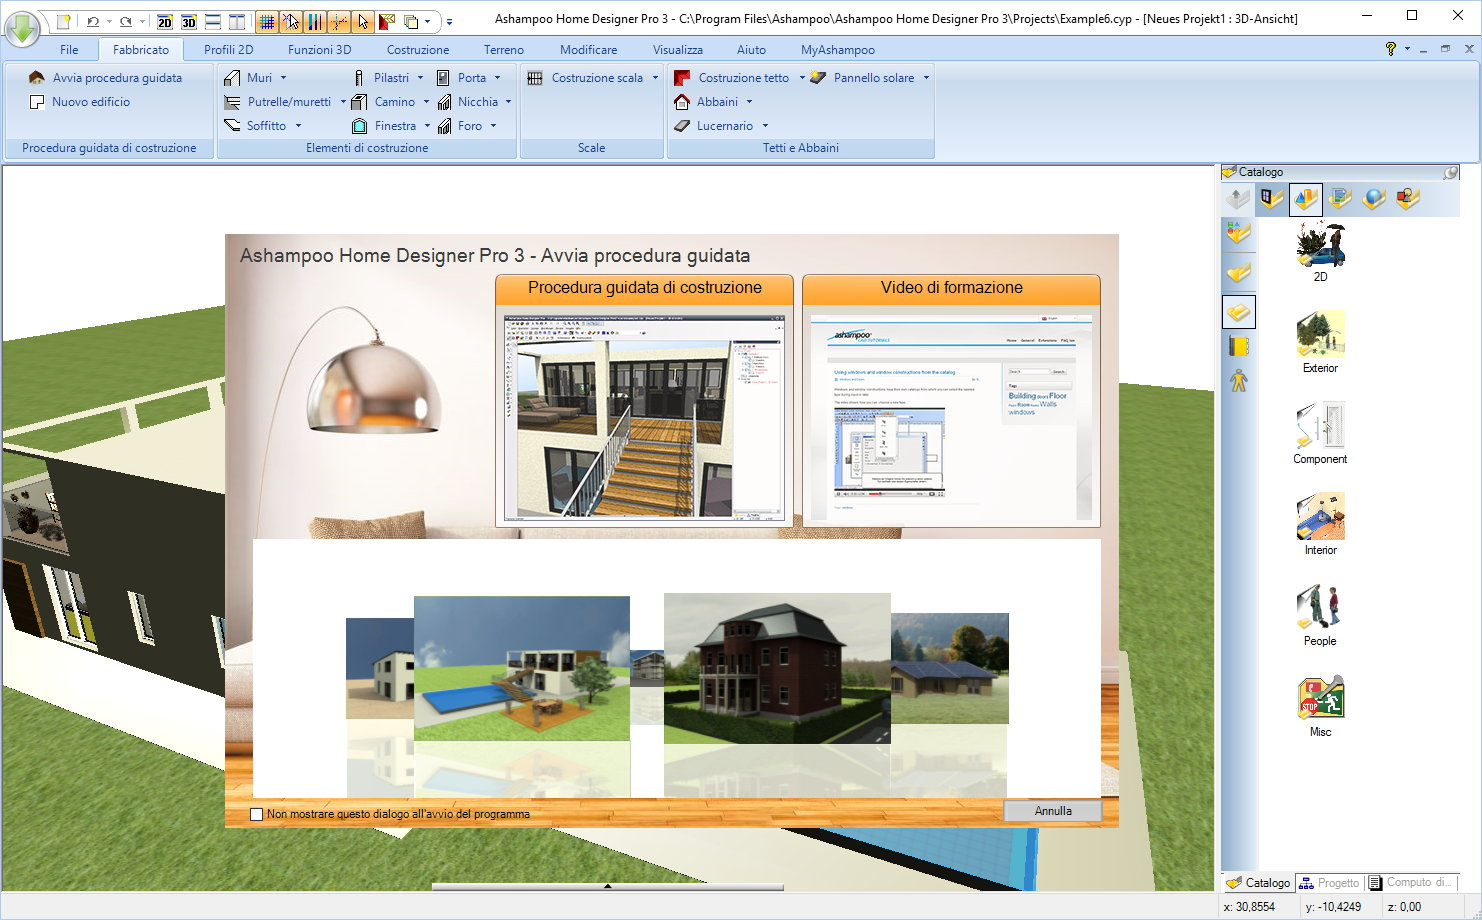 Ashampoo Home Designer Pro  Panoramica - Home designer pro